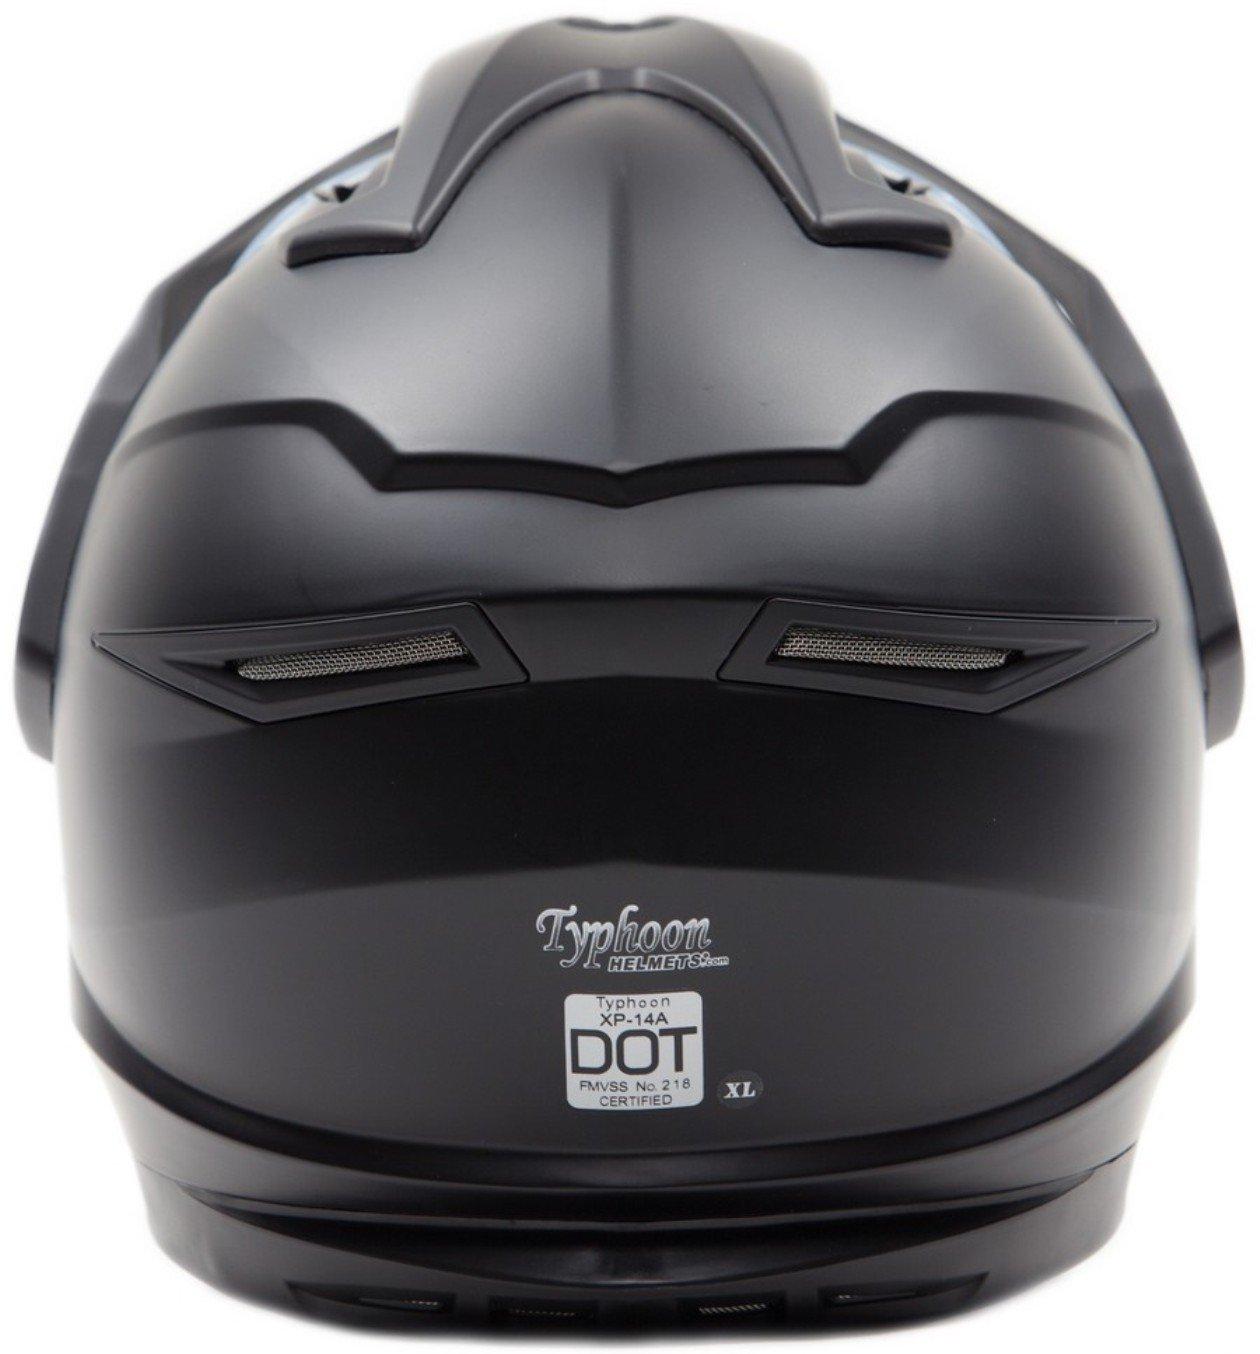 Dual Sport Snocross Snowmobile Helmet w/ Electric Heated Shield - Matte Black - XL by Typhoon Helmets (Image #4)